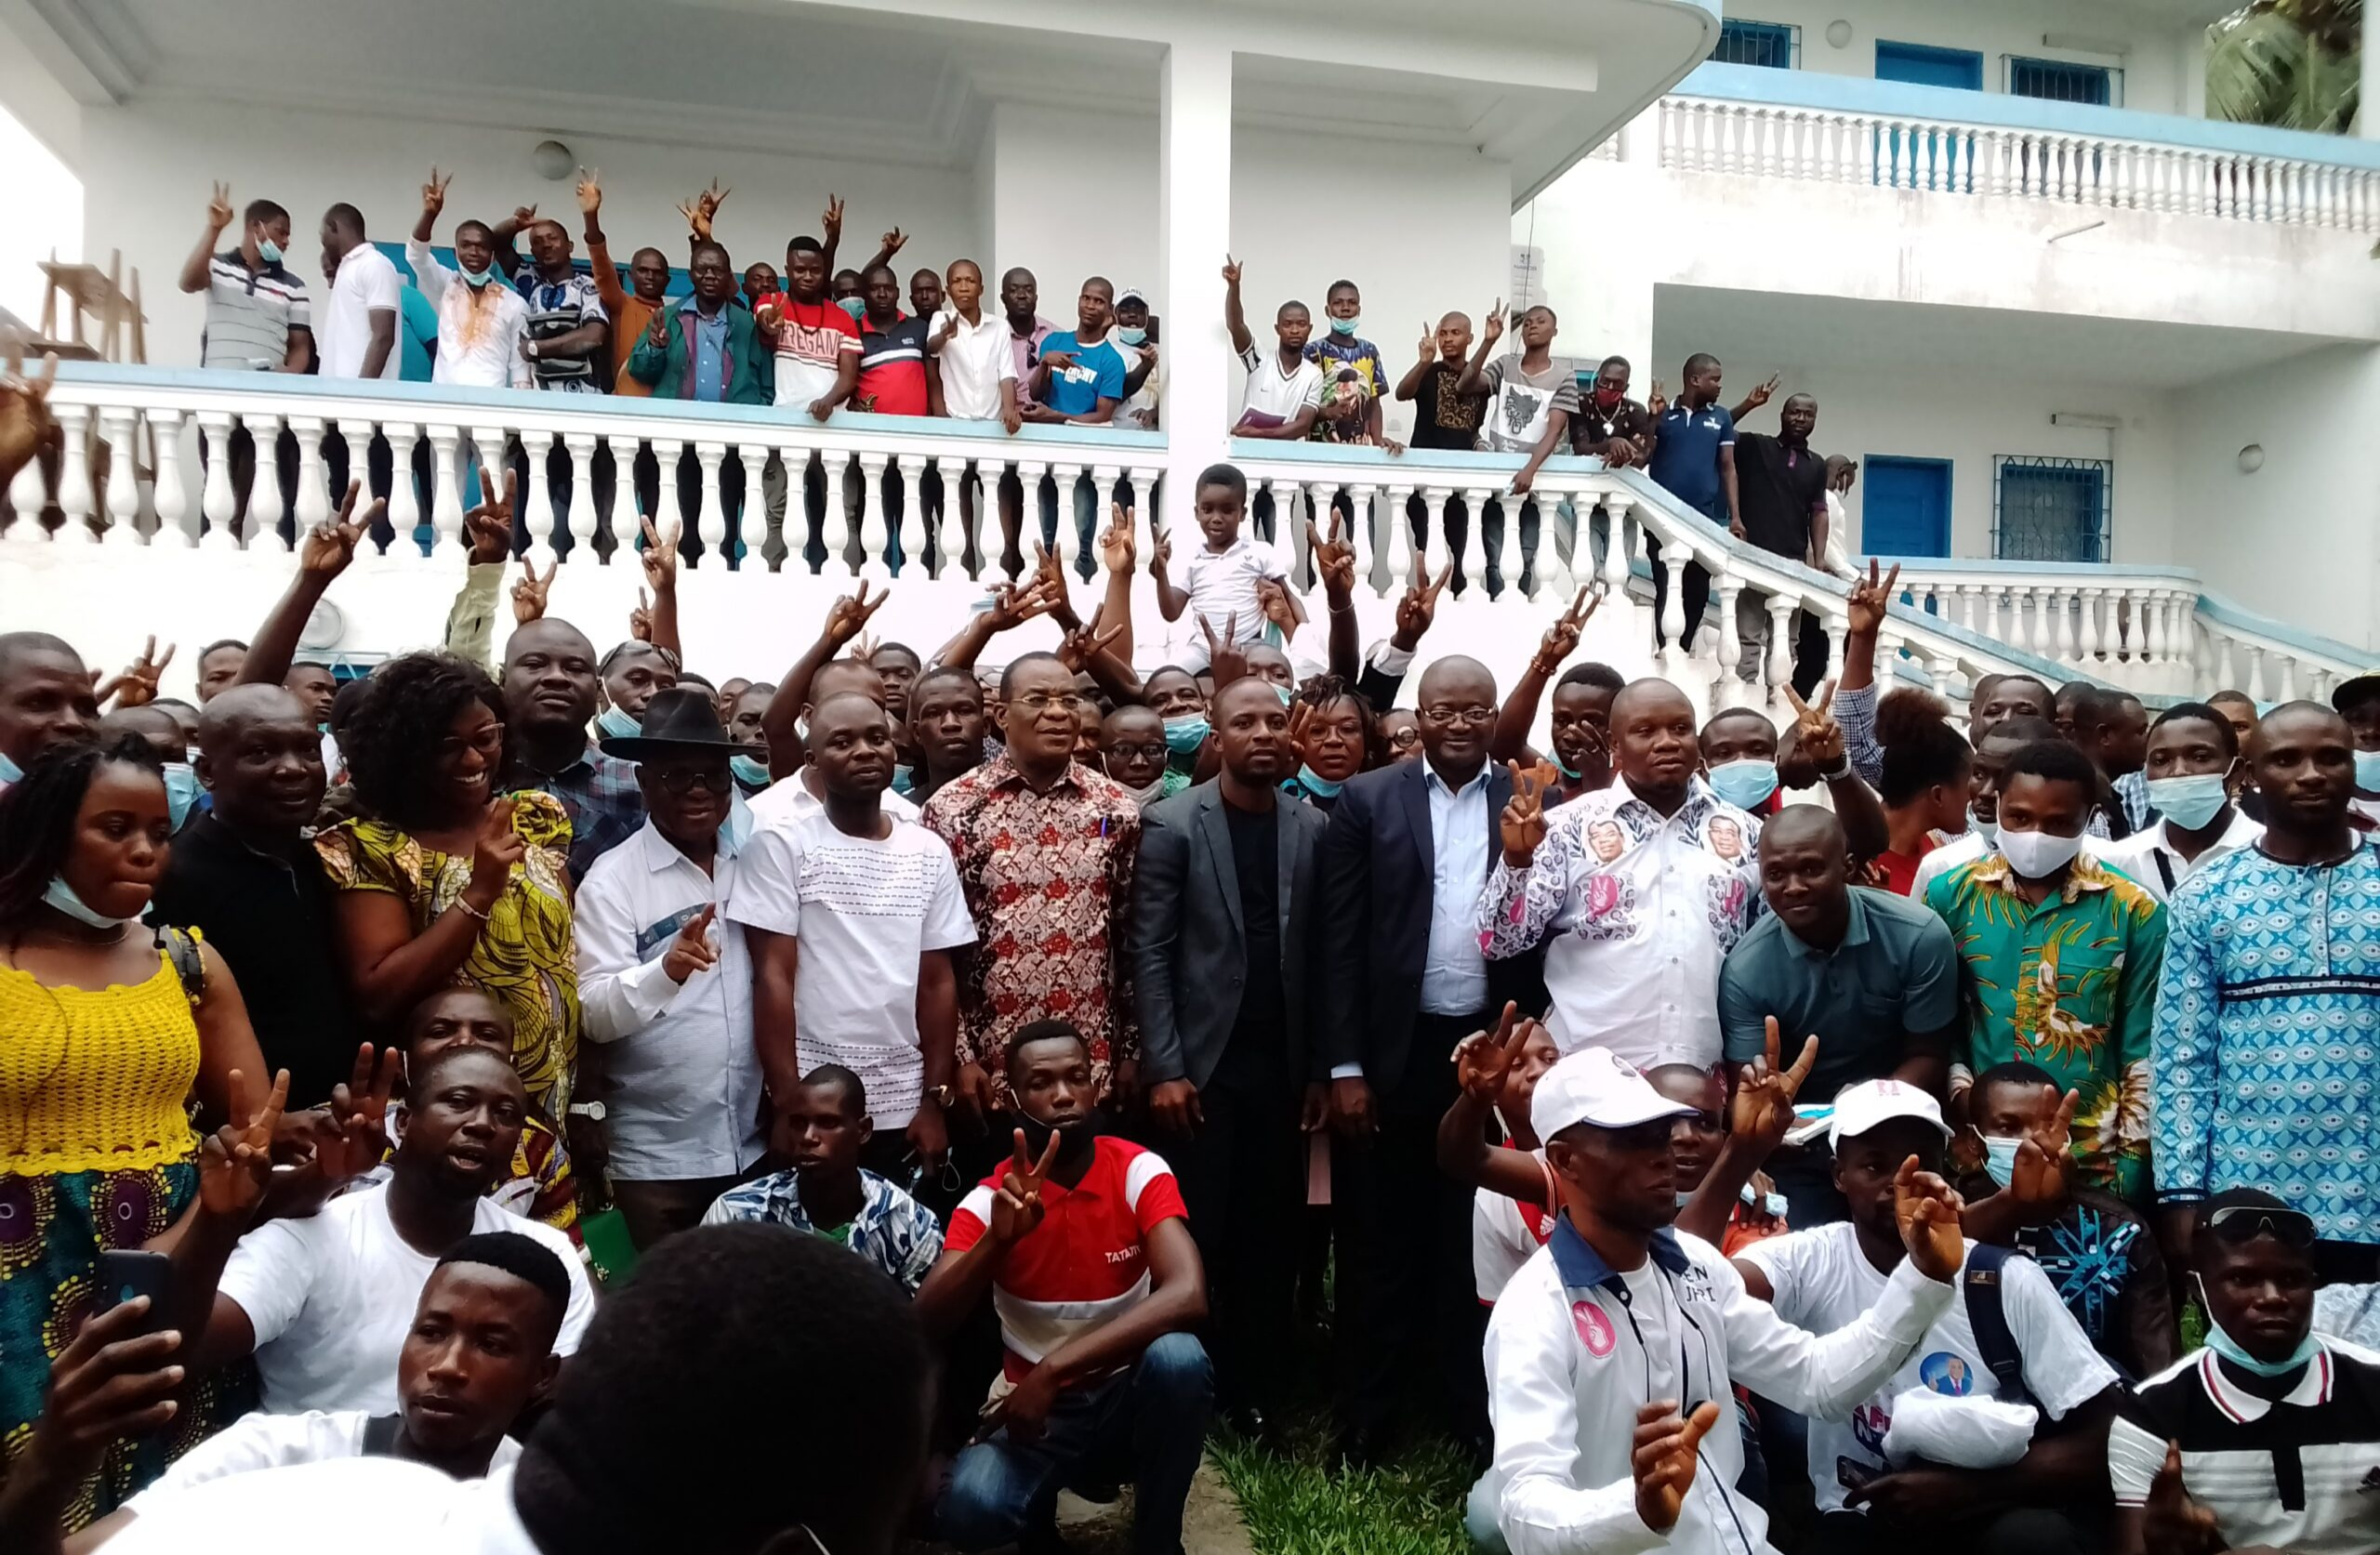 cote-divoireaffi-a-propos-du-nouveau-parti-de-gbagbo-ca-nira-nulle-part